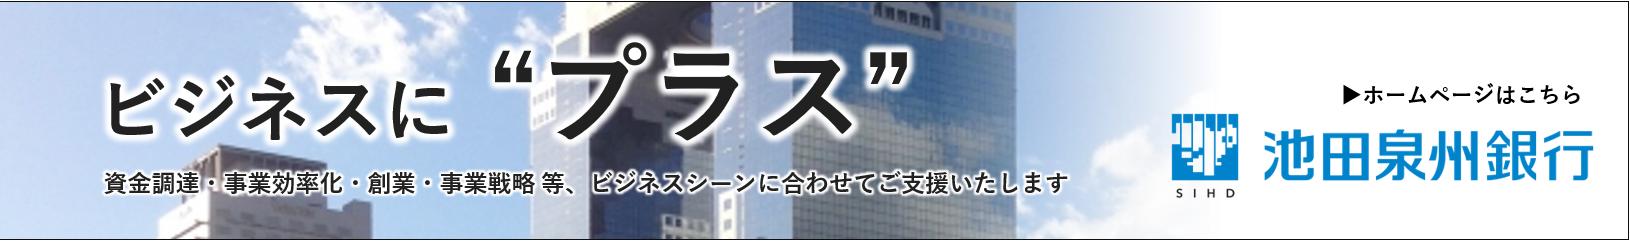 池田泉州銀行HP